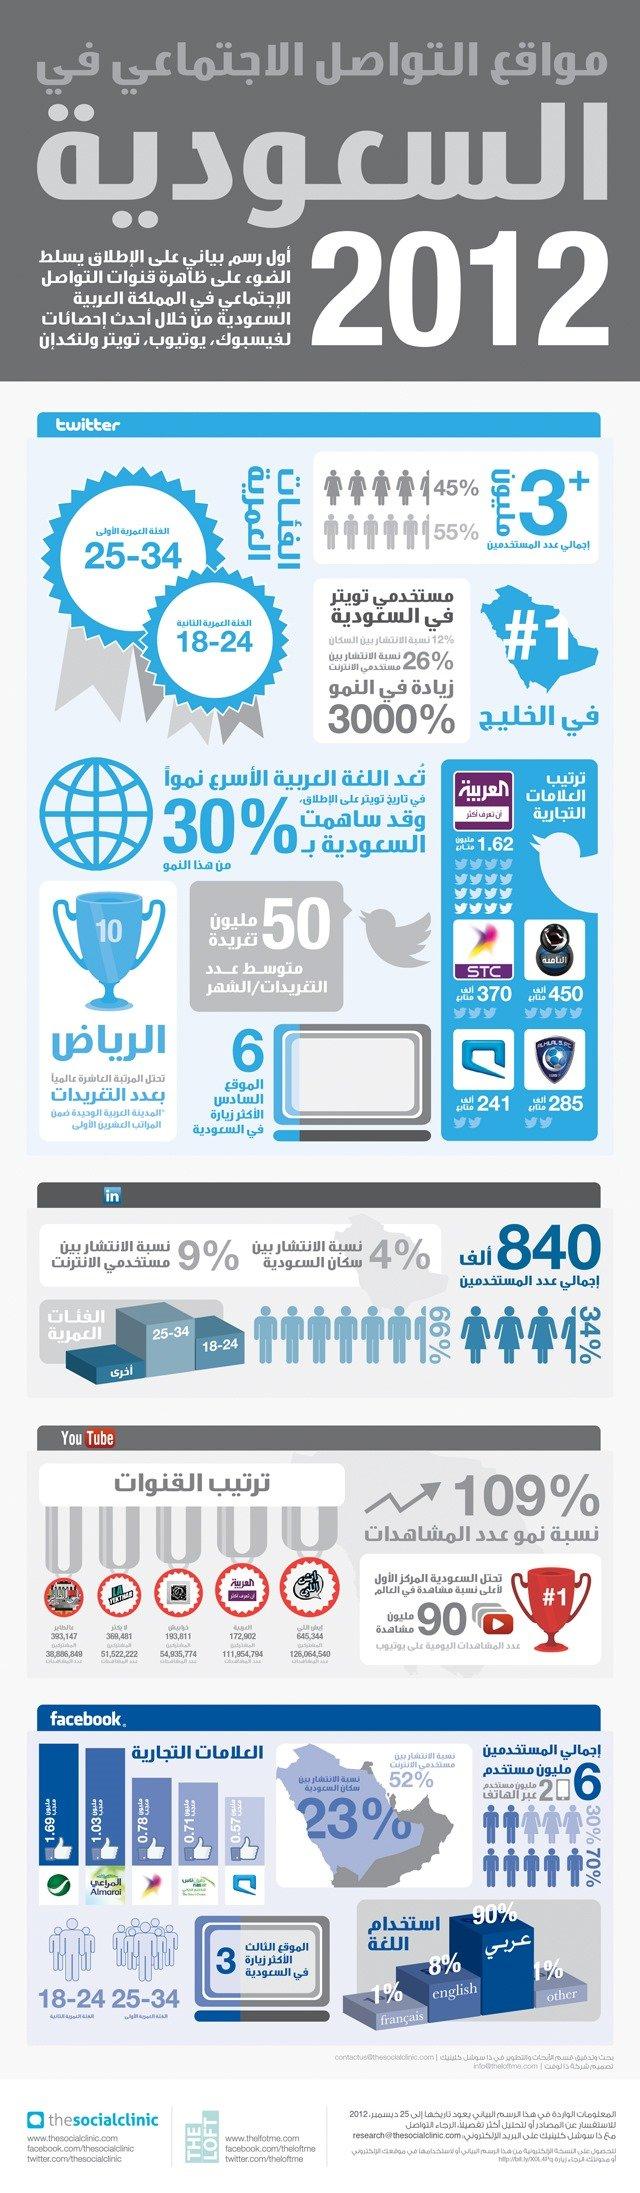 مواقع التواصل الاجتماعي في السعودية عام 2012 #انفوجرافيك